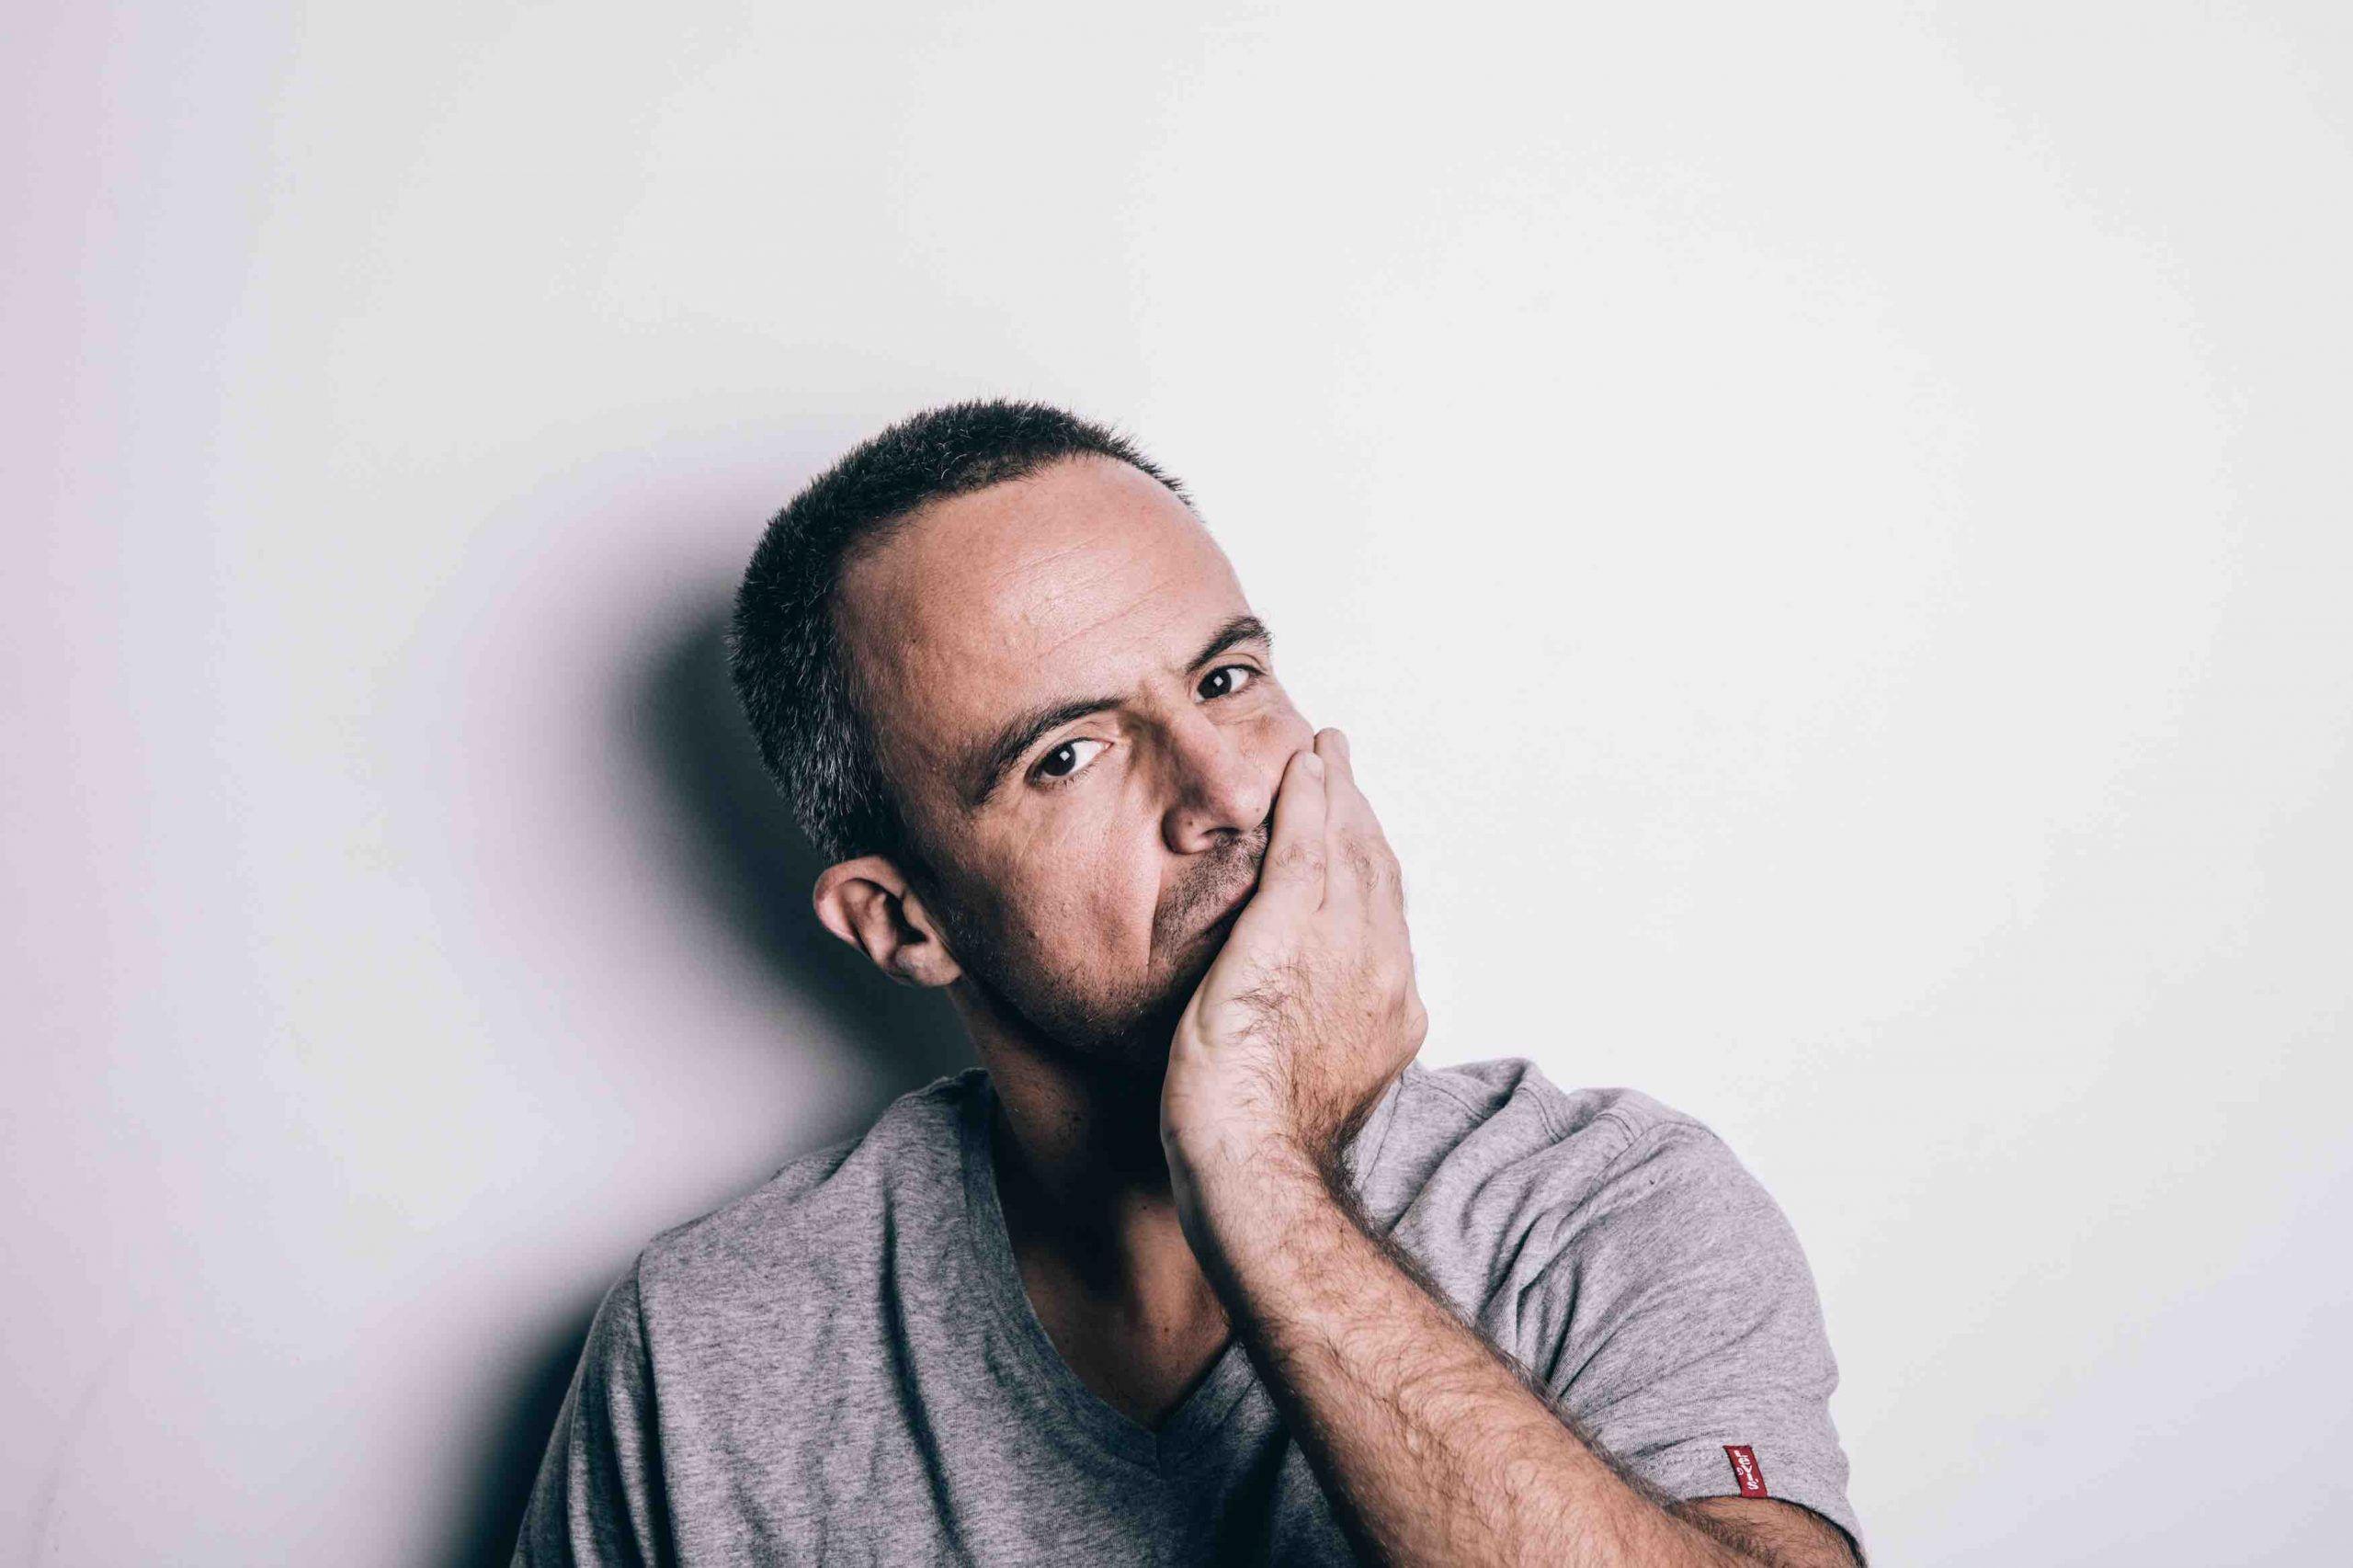 """Entrevista. Ivo Canelas """"As pessoas que conseguem, nos momentos mais desesperados, desatar a rir, são aquelas que sobrevivem"""""""